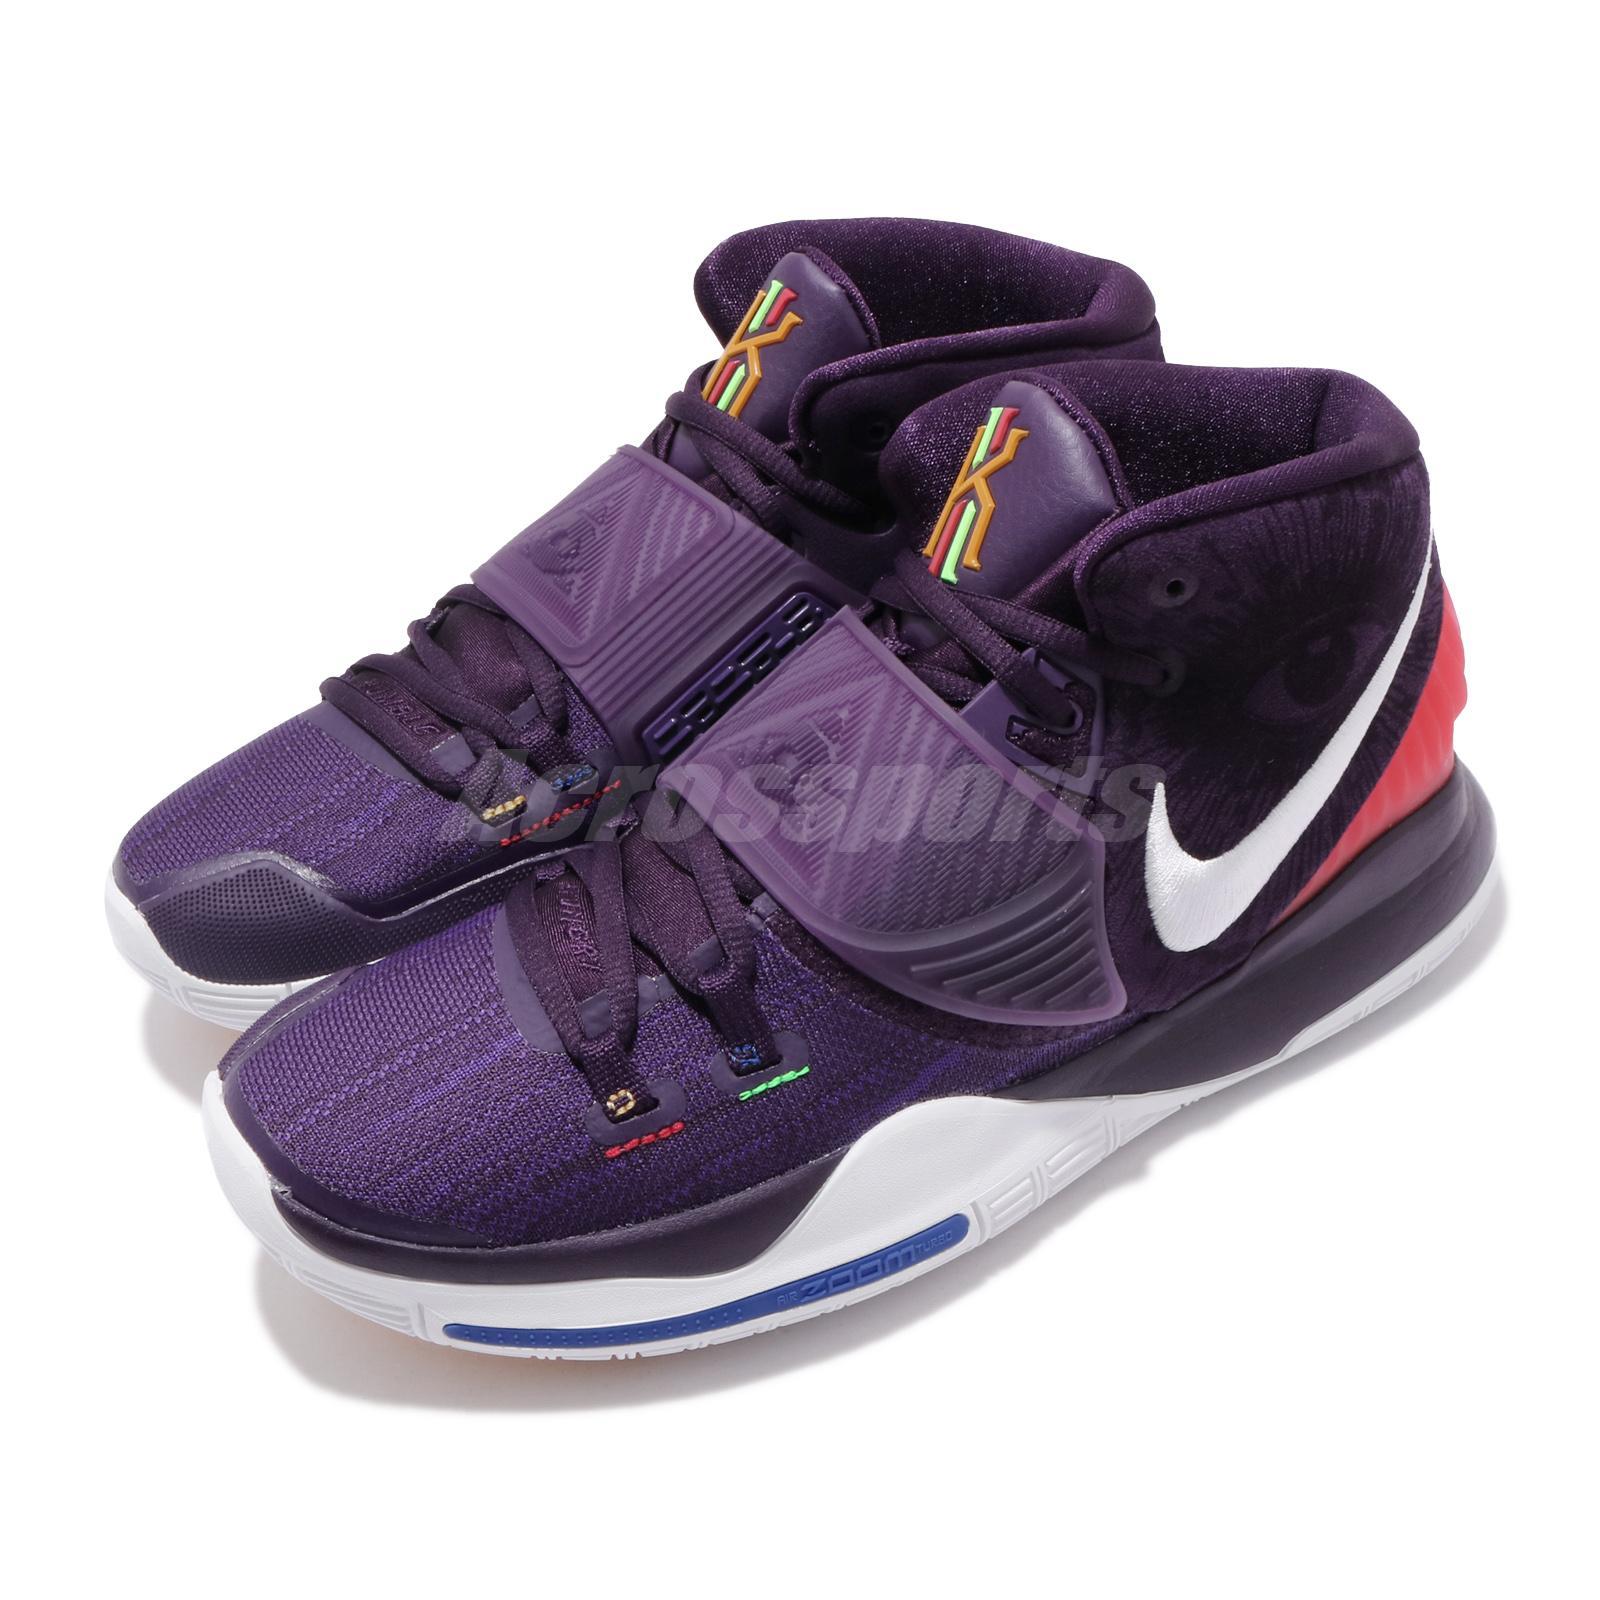 Nike Kyrie 6 EP Grand Morada Blanca Irving Vi Para Hombre Zapatillas de  baloncesto BQ4631-500